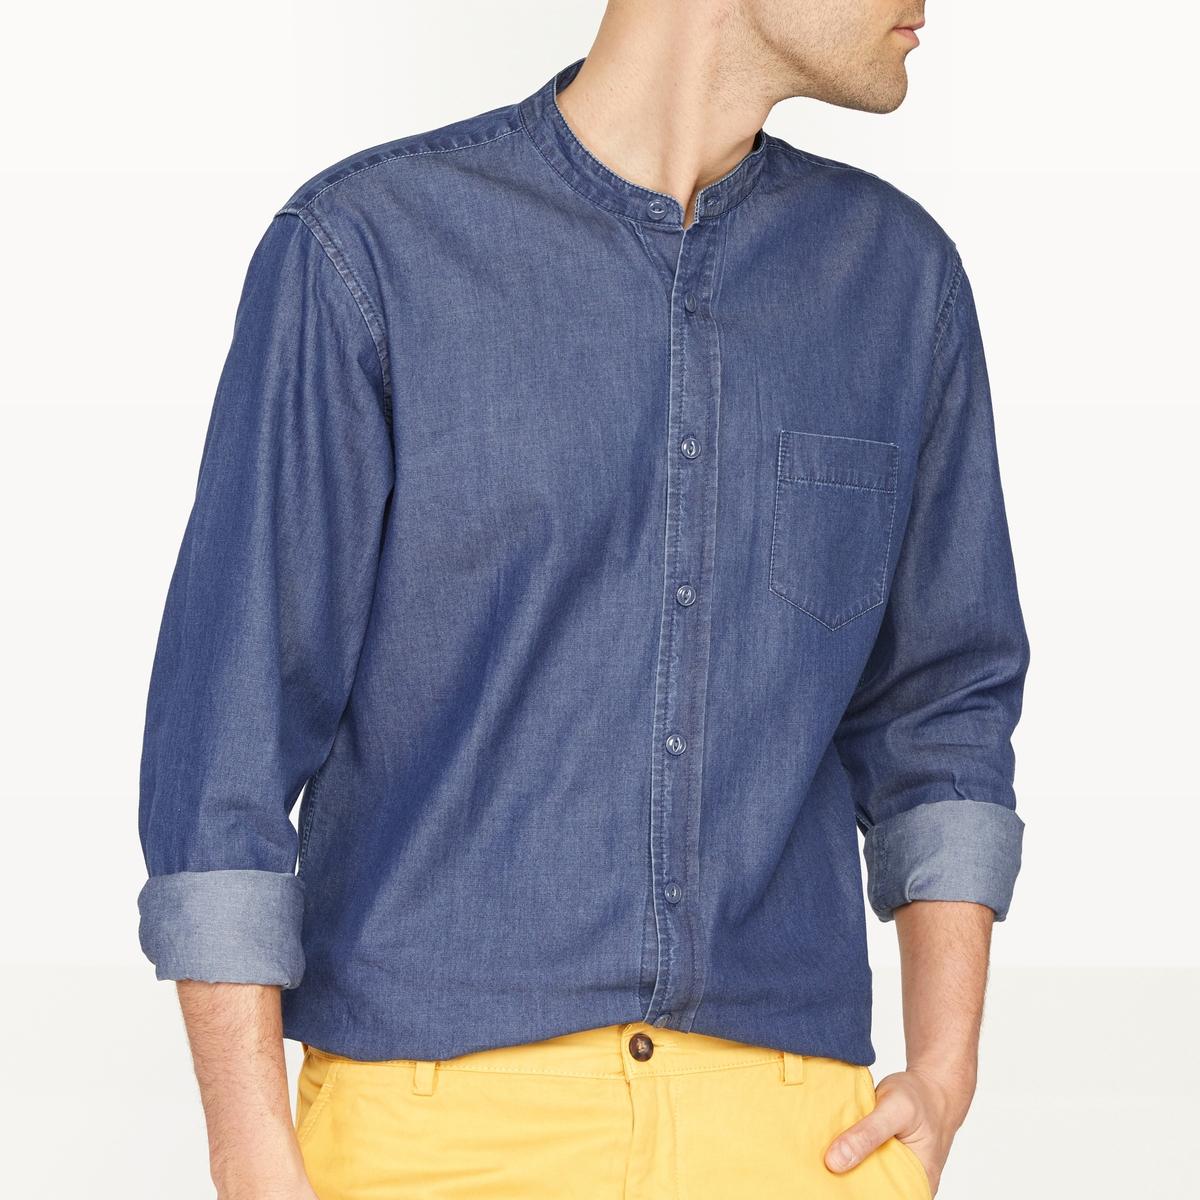 Рубашка джинсовая прямого покроя с воротником-стойкойПрямая джинсовая рубашка. Небольшой воротник-стойка. Длинные рукава. Нагрудный карман. Планка спереди и манжеты с застежкой на пуговицы.  Состав и описание : Материал         100% хлопокДлина      79 смМарка: R ?dition.Уход :Машинная стирка при 40 °С с вещами схожих цветов.Стирать и гладить с изнаночной стороны.Машинная сушка на умеренном режиме.Гладить при умеренной температуре..<br><br>Цвет: голубой потертый<br>Размер: 43/44.41/42